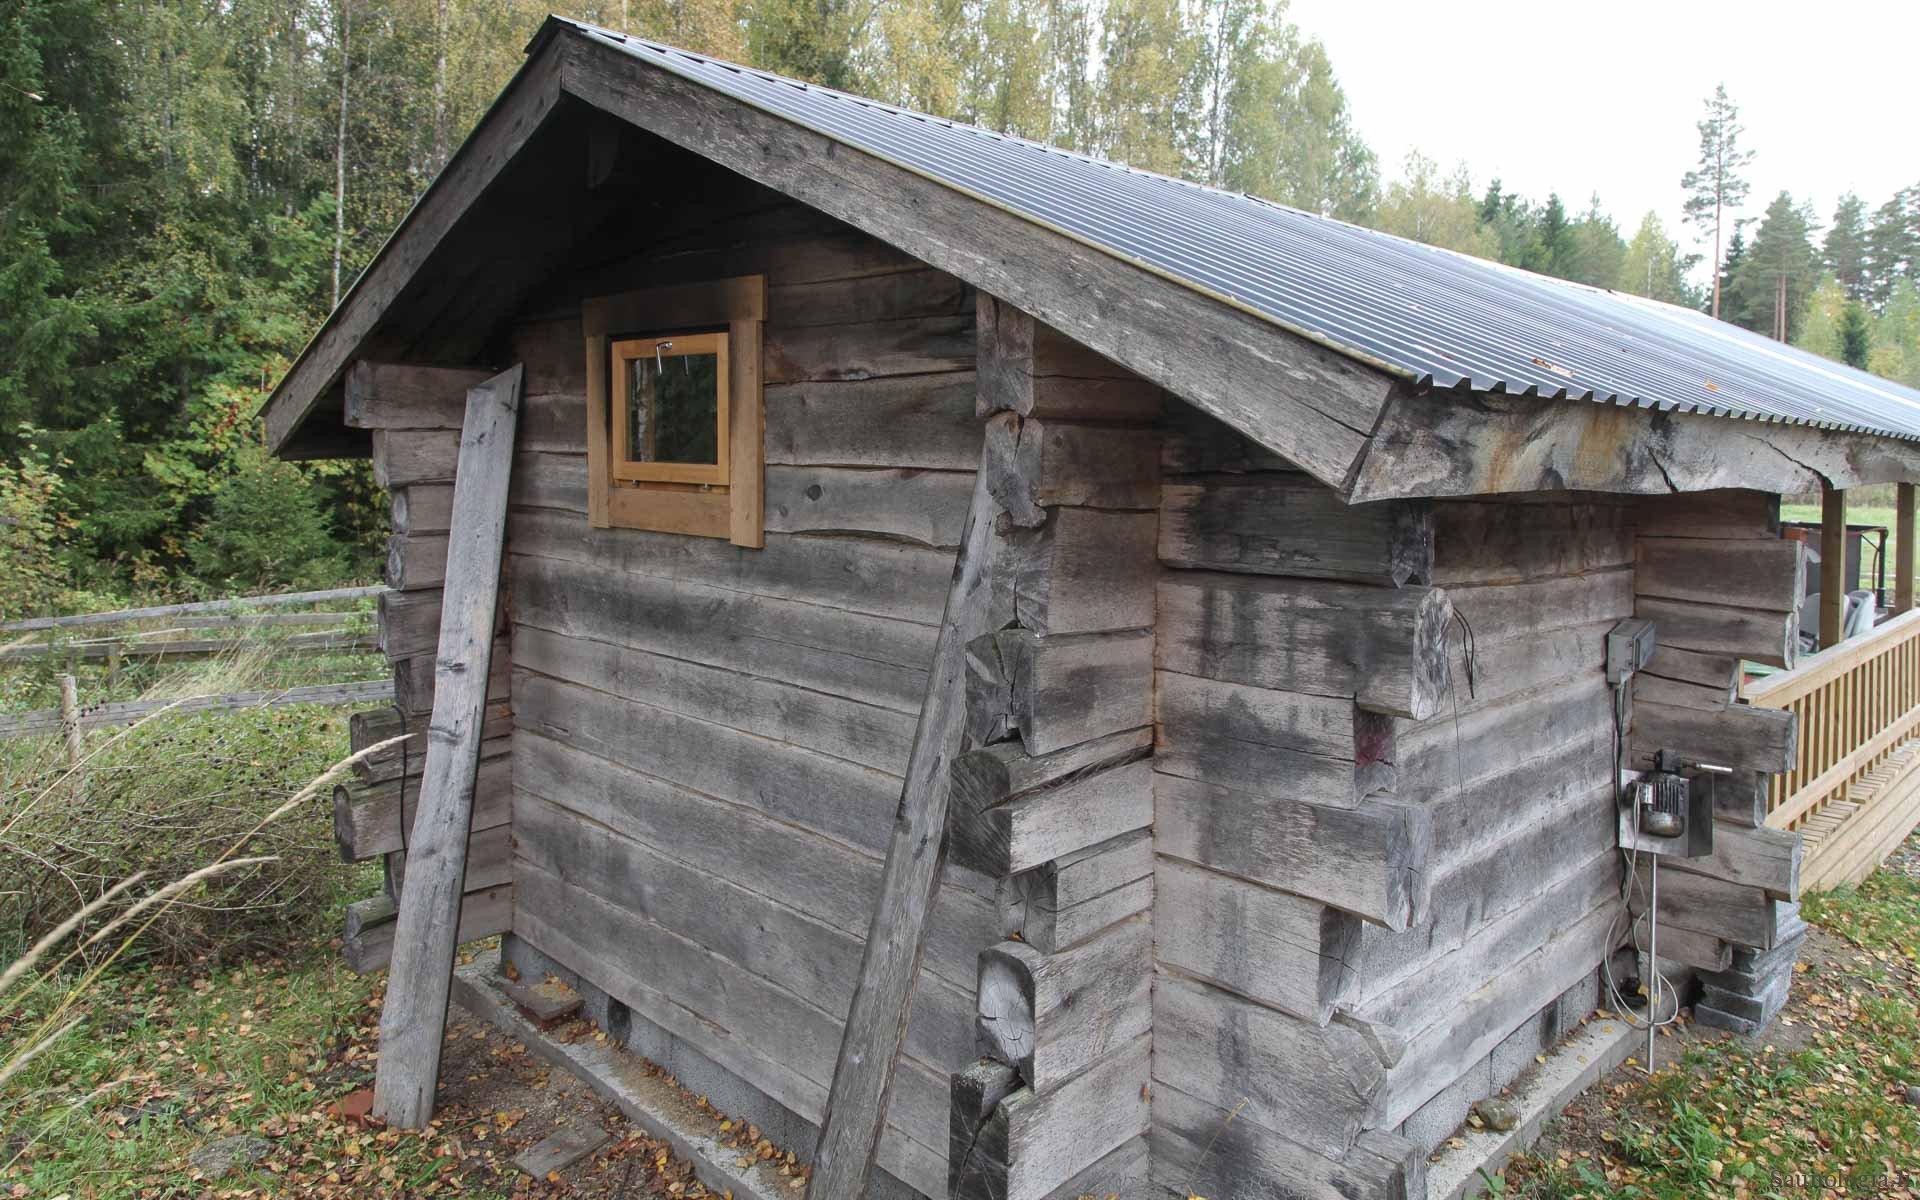 171213-markkut-hirsisauna-takakulma-0870